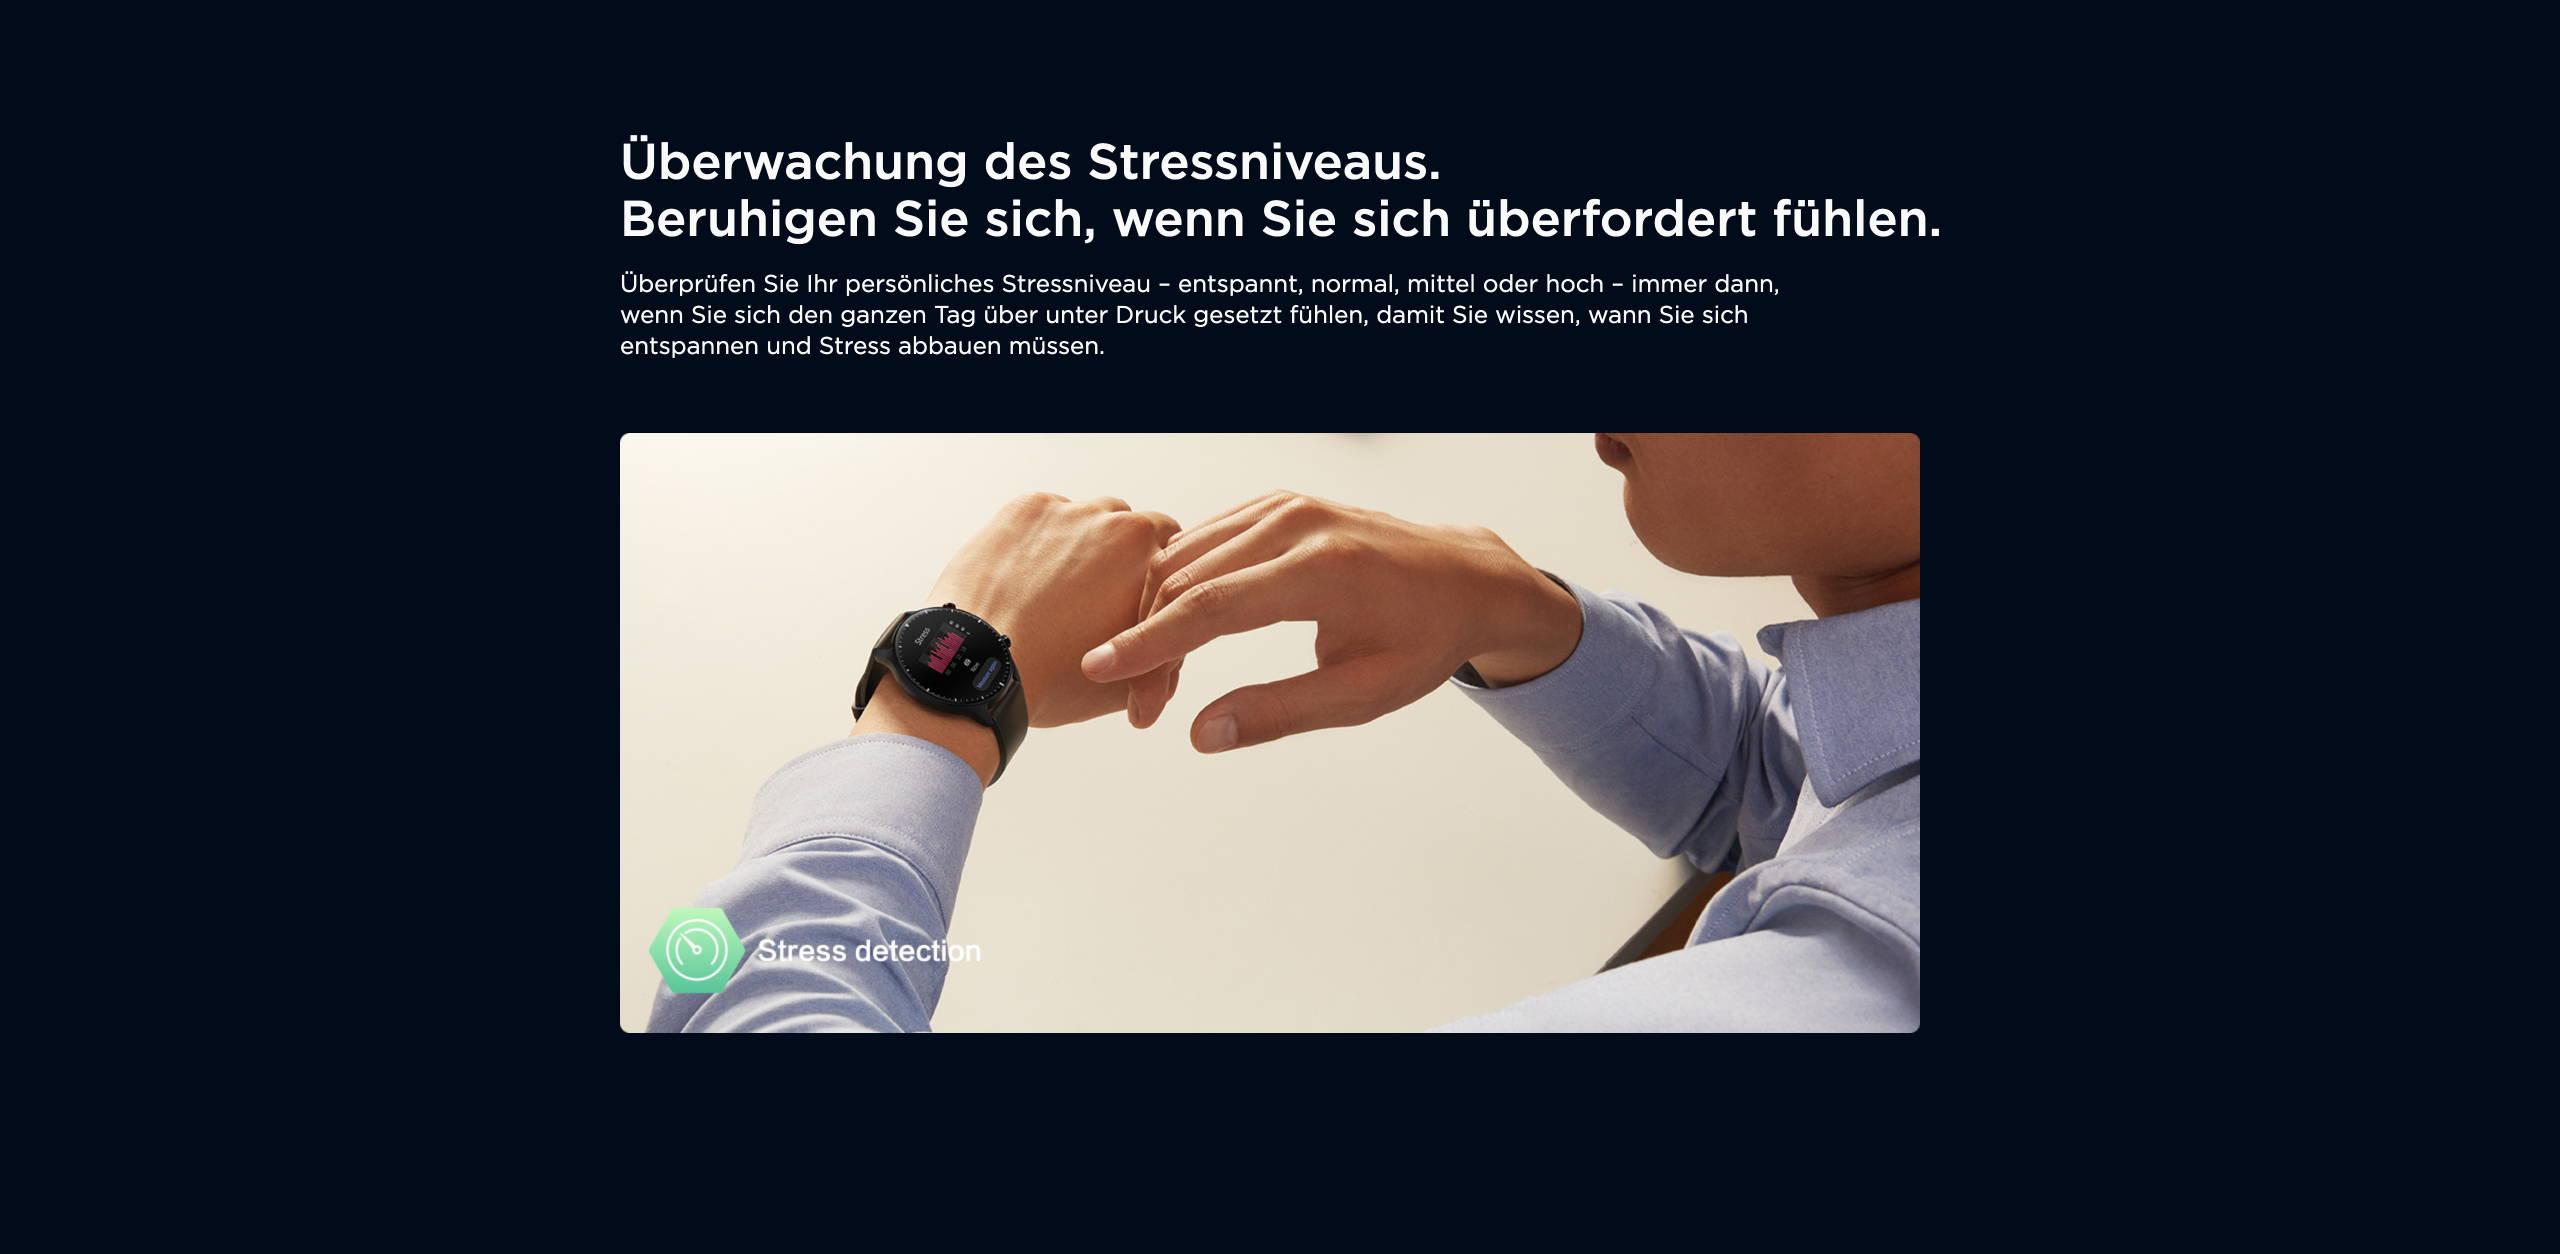 Amazfit GTR 2 - Überwachung des Stressniveaus. Beruhigen Sie sich, wenn Sie sich überfordert fühlen.